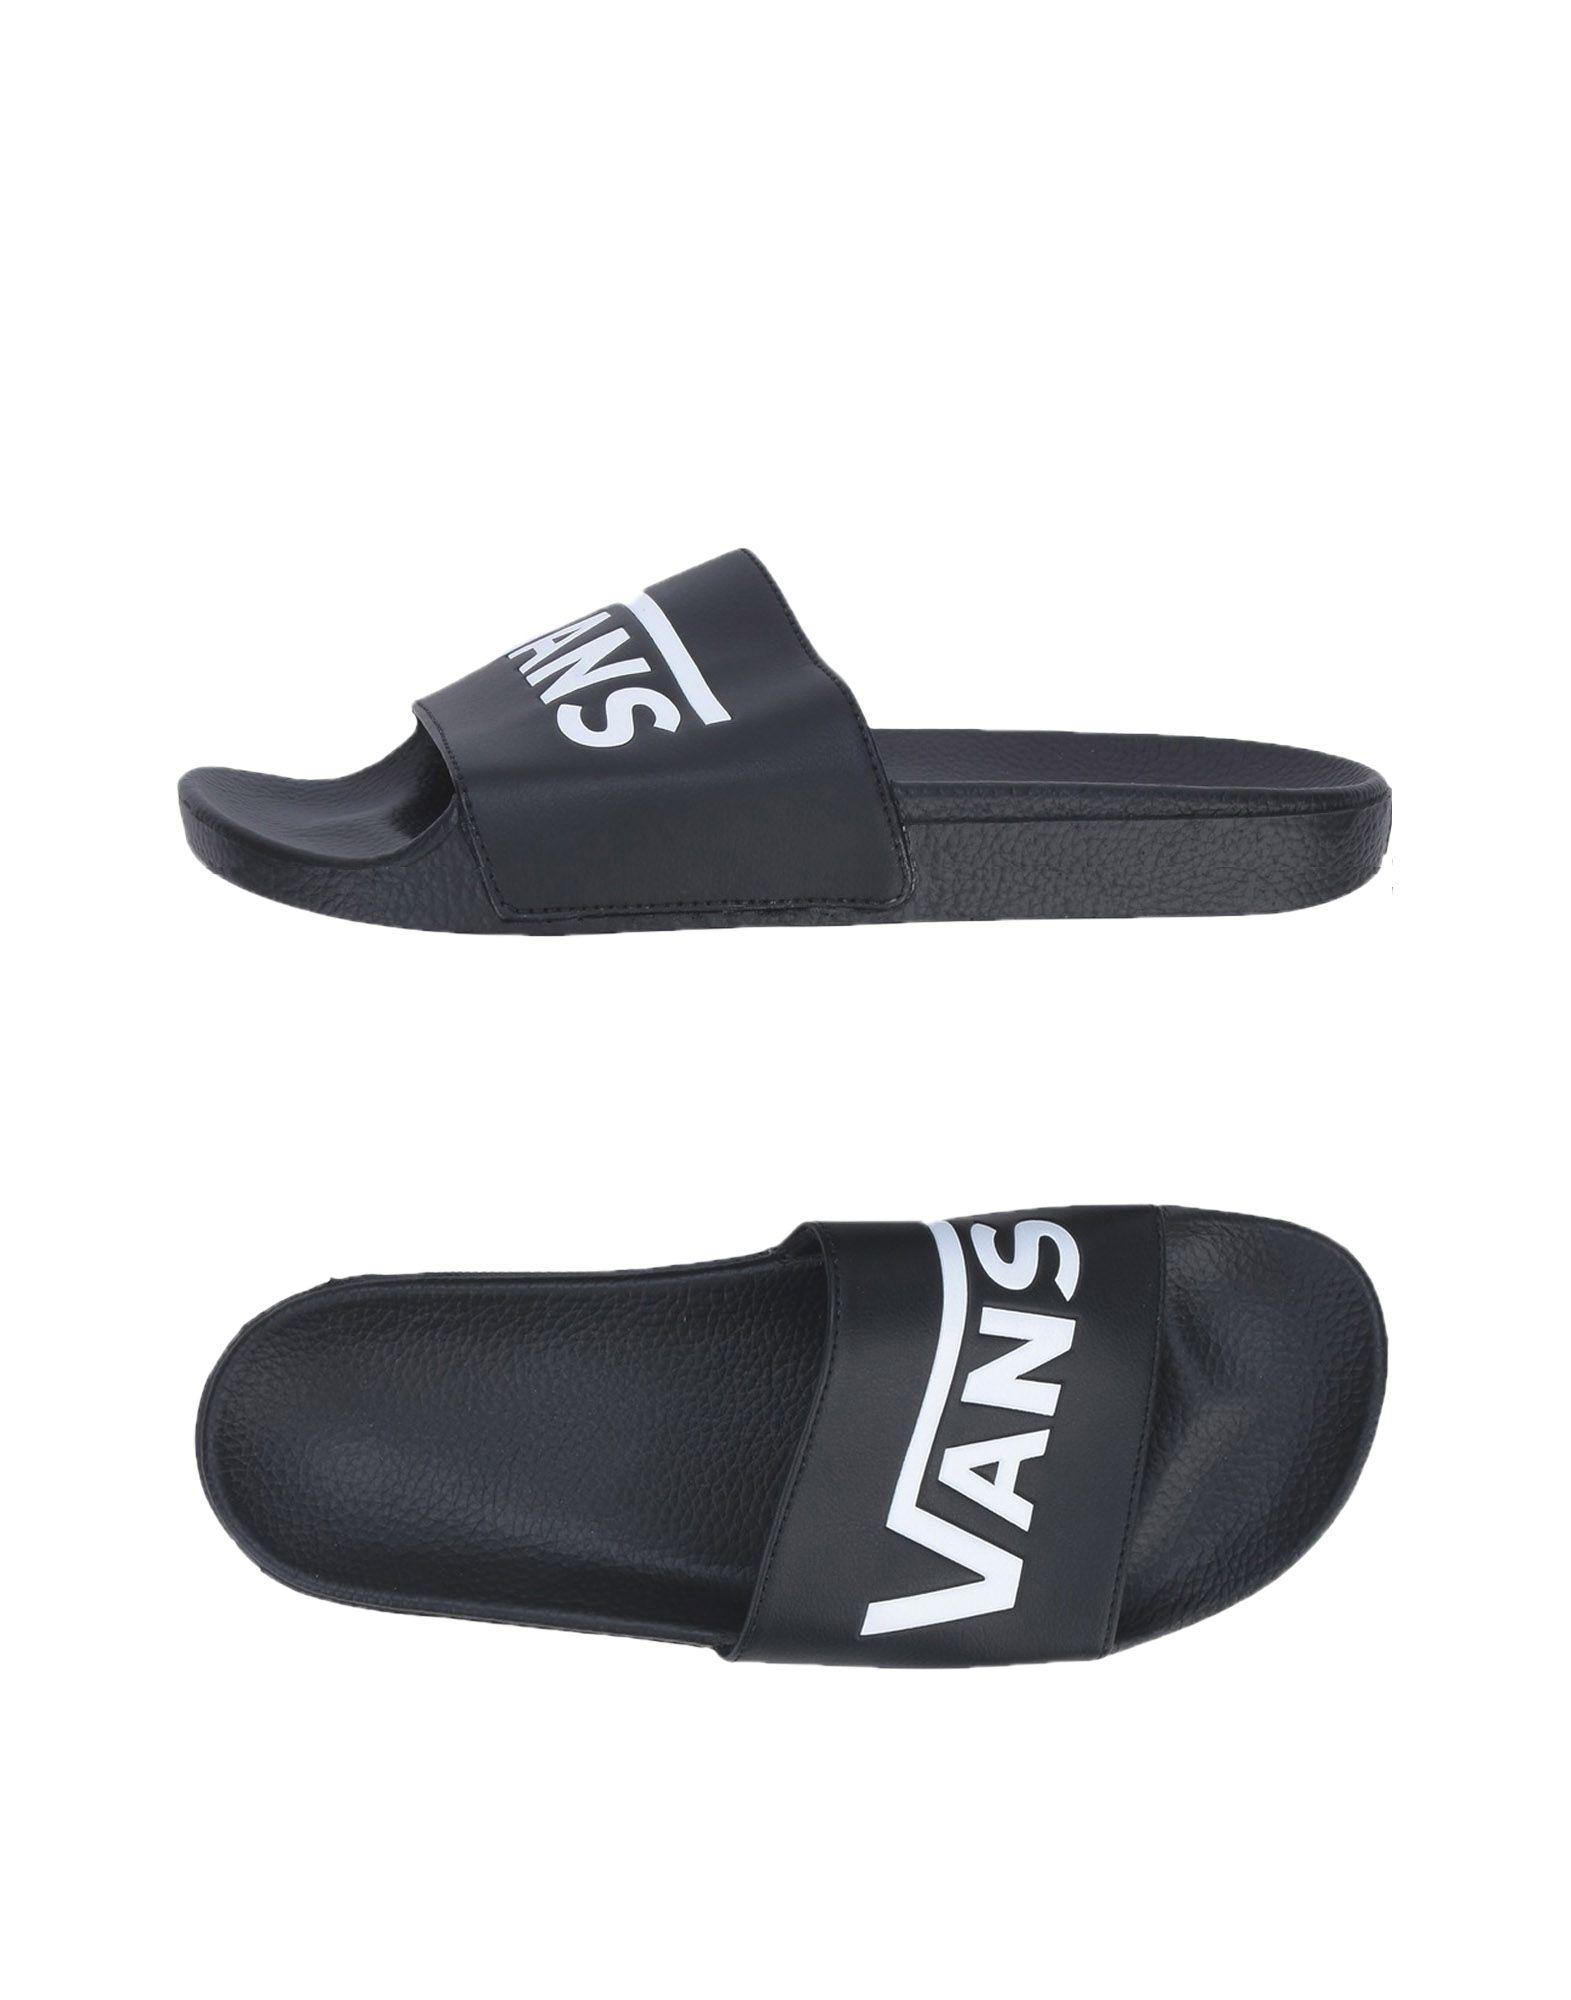 《送料無料》VANS メンズ サンダル ブラック 11 ゴム 100% MN SLIDE-ON